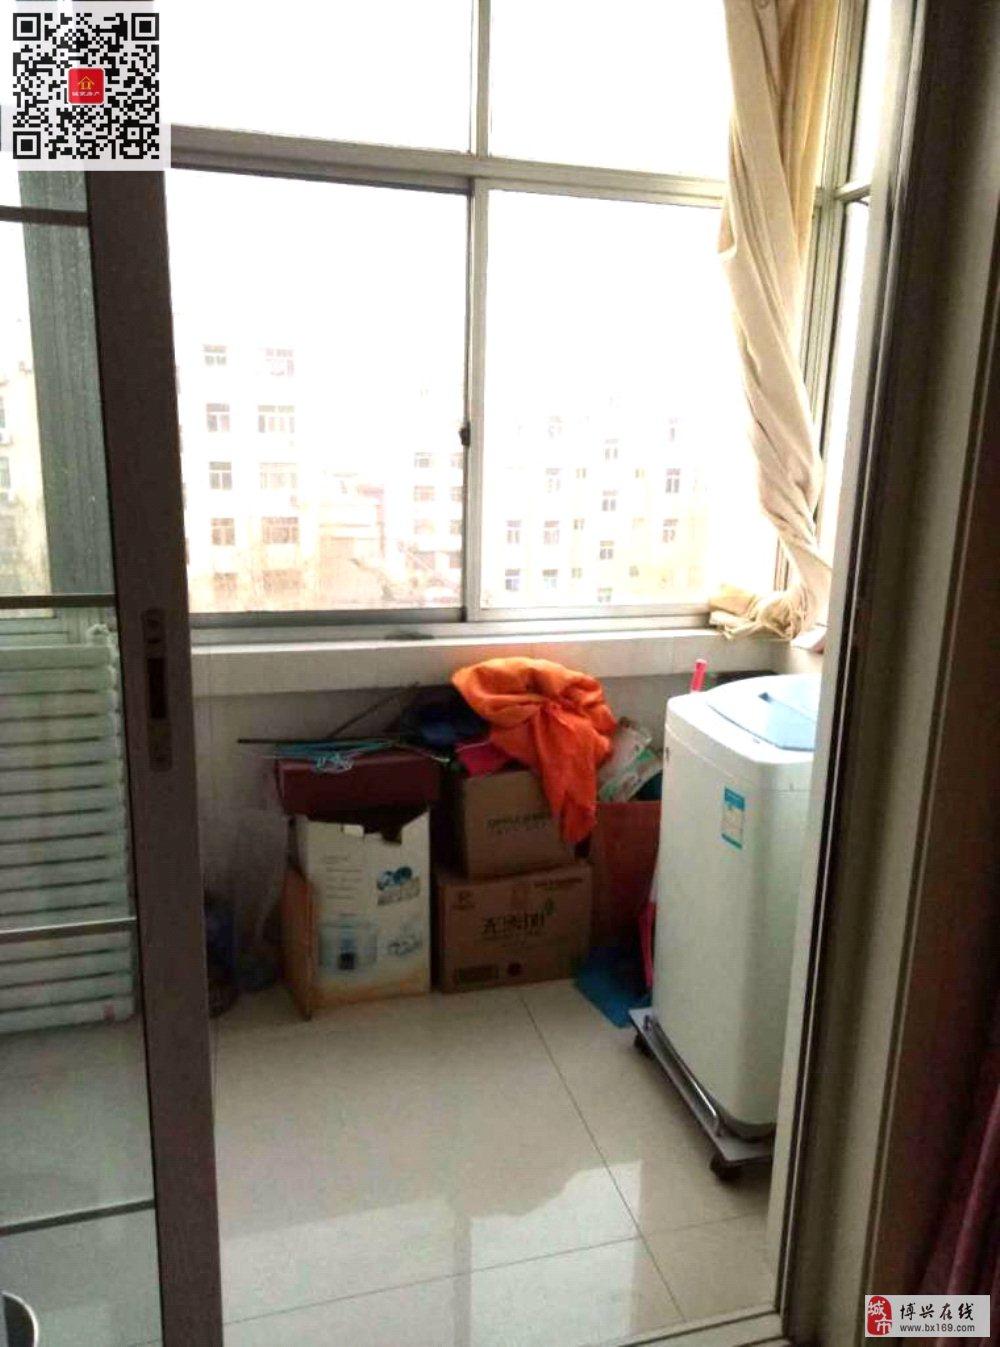 49687京博花园2室1厅1卫63万元